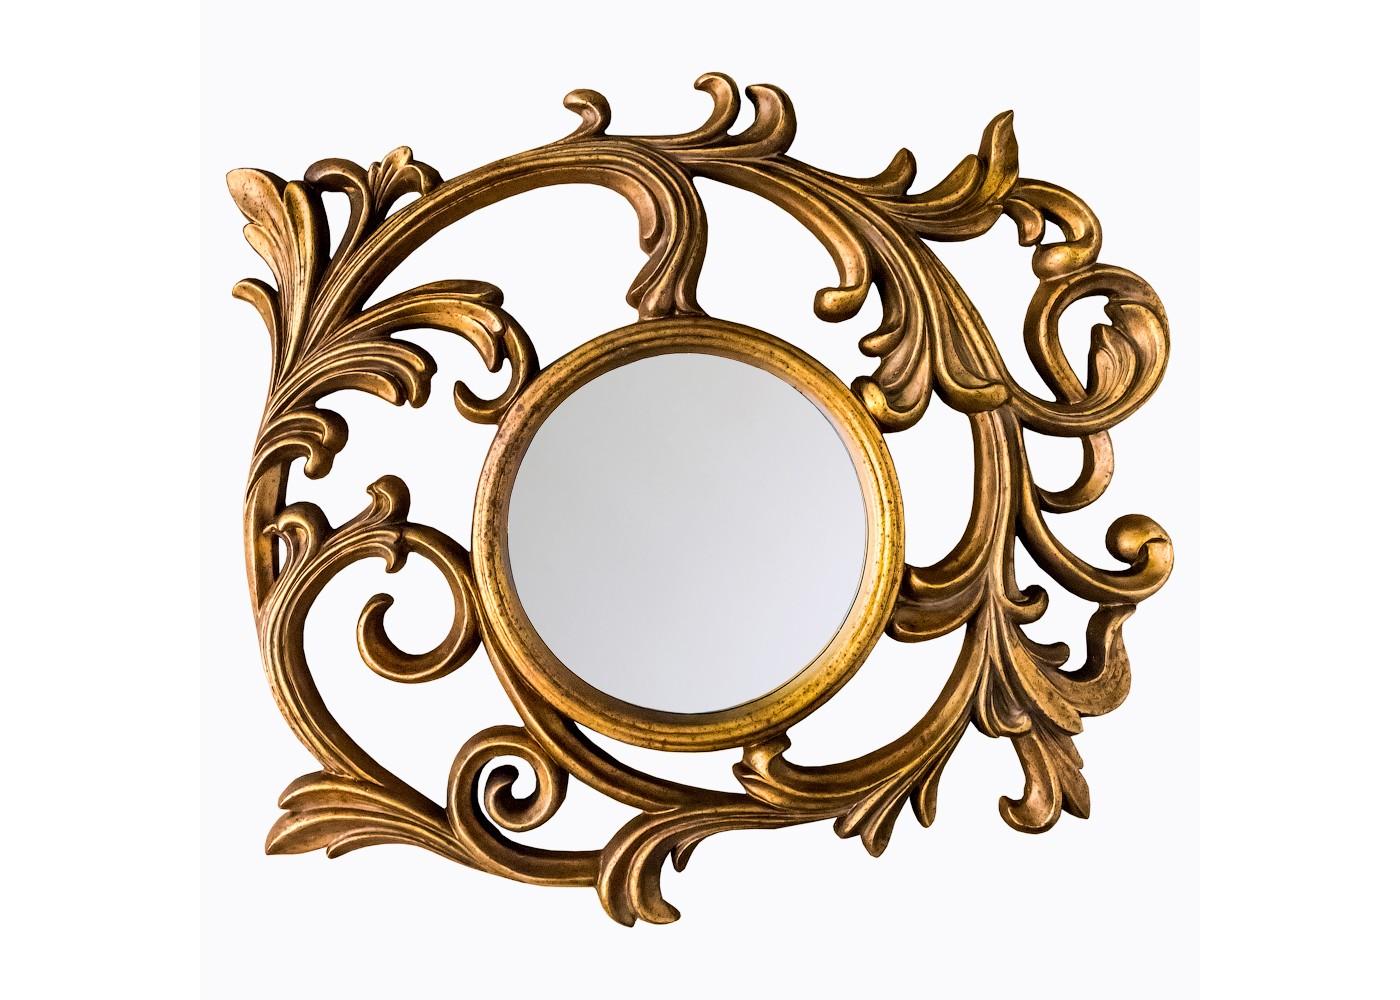 Настенное зеркало «Вертиго»Настенные зеркала<br>&amp;quot;Вертиго&amp;quot; ? превосходный акцент для роскошного барокко, изнеженного ар-нуво, парадного ренессанса и сенсационного эко-стиля. Классическая форма круга, несущая в себе гармонию, делает зеркало идеально подходящим для пространств любой архитектуры. Оригинальная рама, составленная витиеватыми растительными орнаментами, в водовороте изысканных элементов рождает особенно эффектное и чувственное оформление.&amp;lt;div&amp;gt;&amp;lt;br&amp;gt;&amp;lt;/div&amp;gt;&amp;lt;div&amp;gt;Размер рамы: 116?114?5 см.&amp;lt;/div&amp;gt;&amp;lt;div&amp;gt;Вес: 7,5 кг.&amp;lt;/div&amp;gt;<br><br>Material: Полиуретан